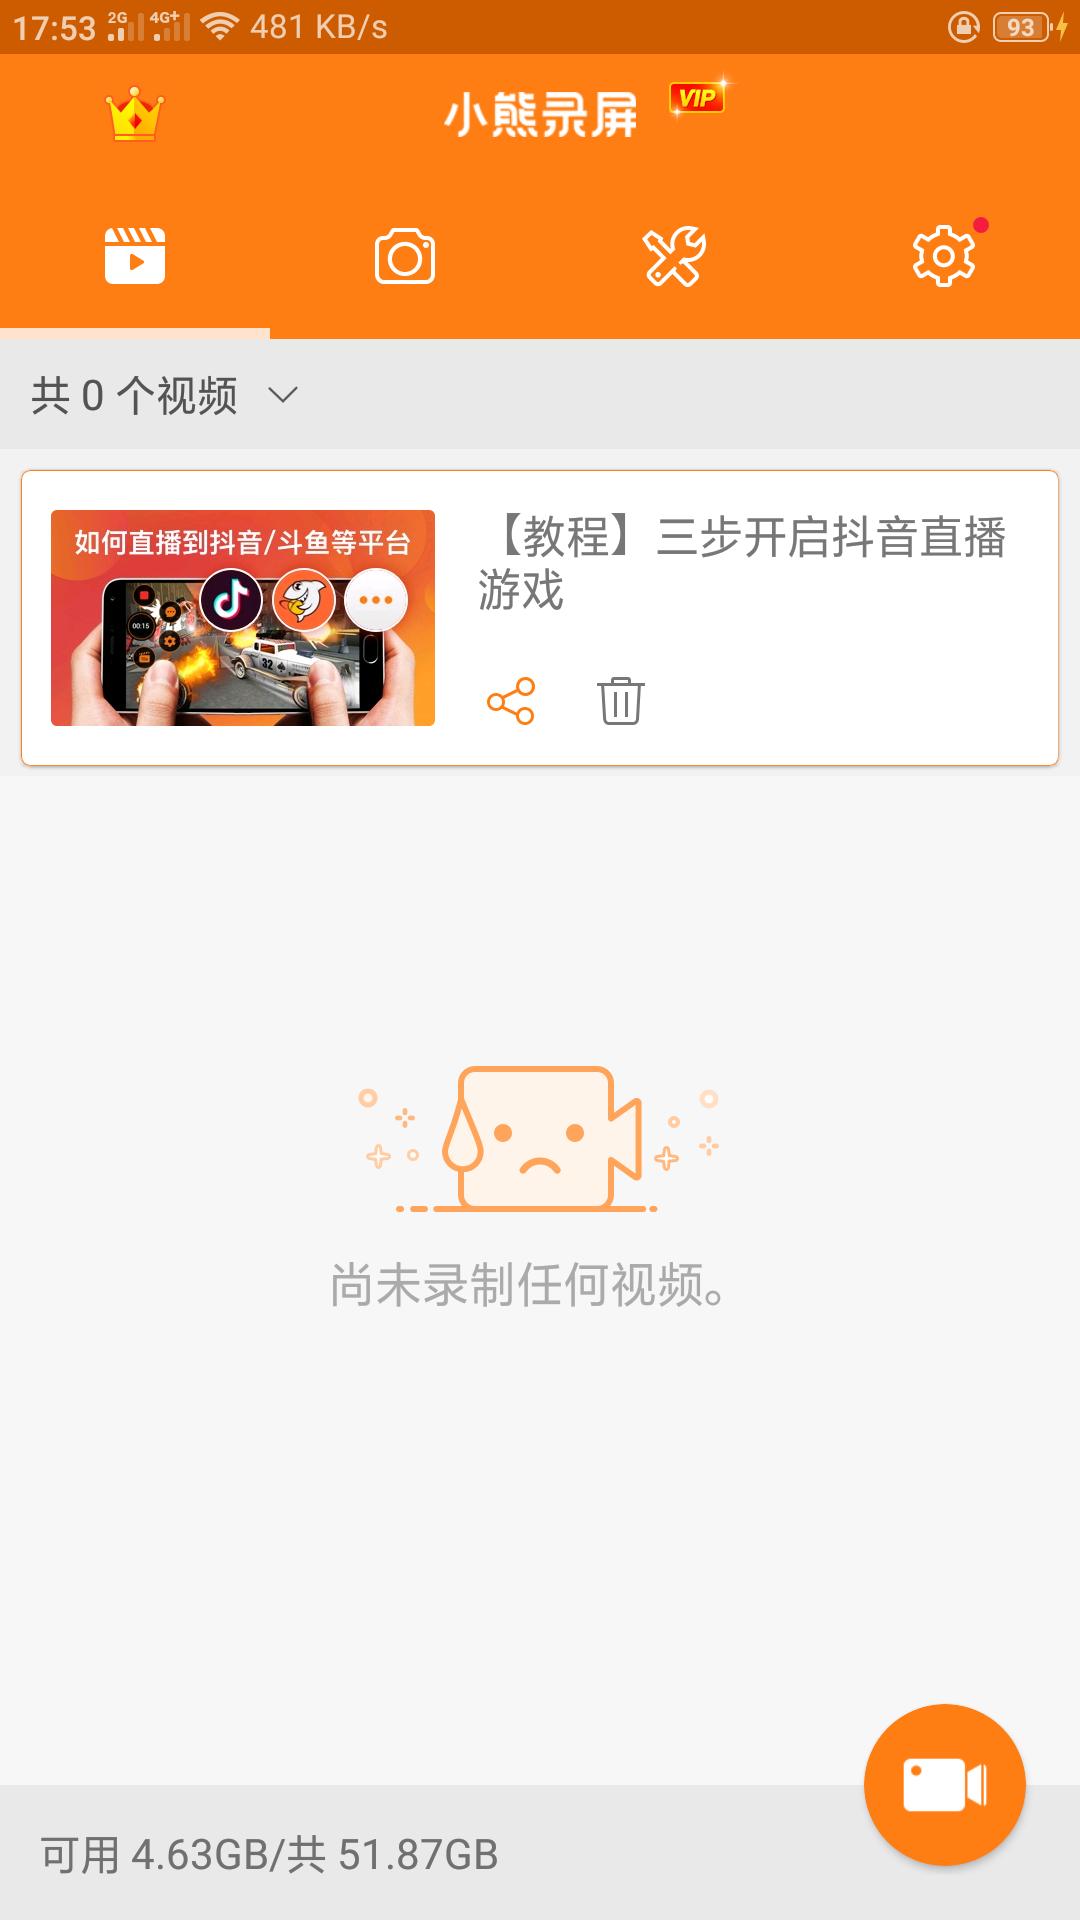 【分享】安卓小熊录屏绿化版无广告免登陆-爱小助